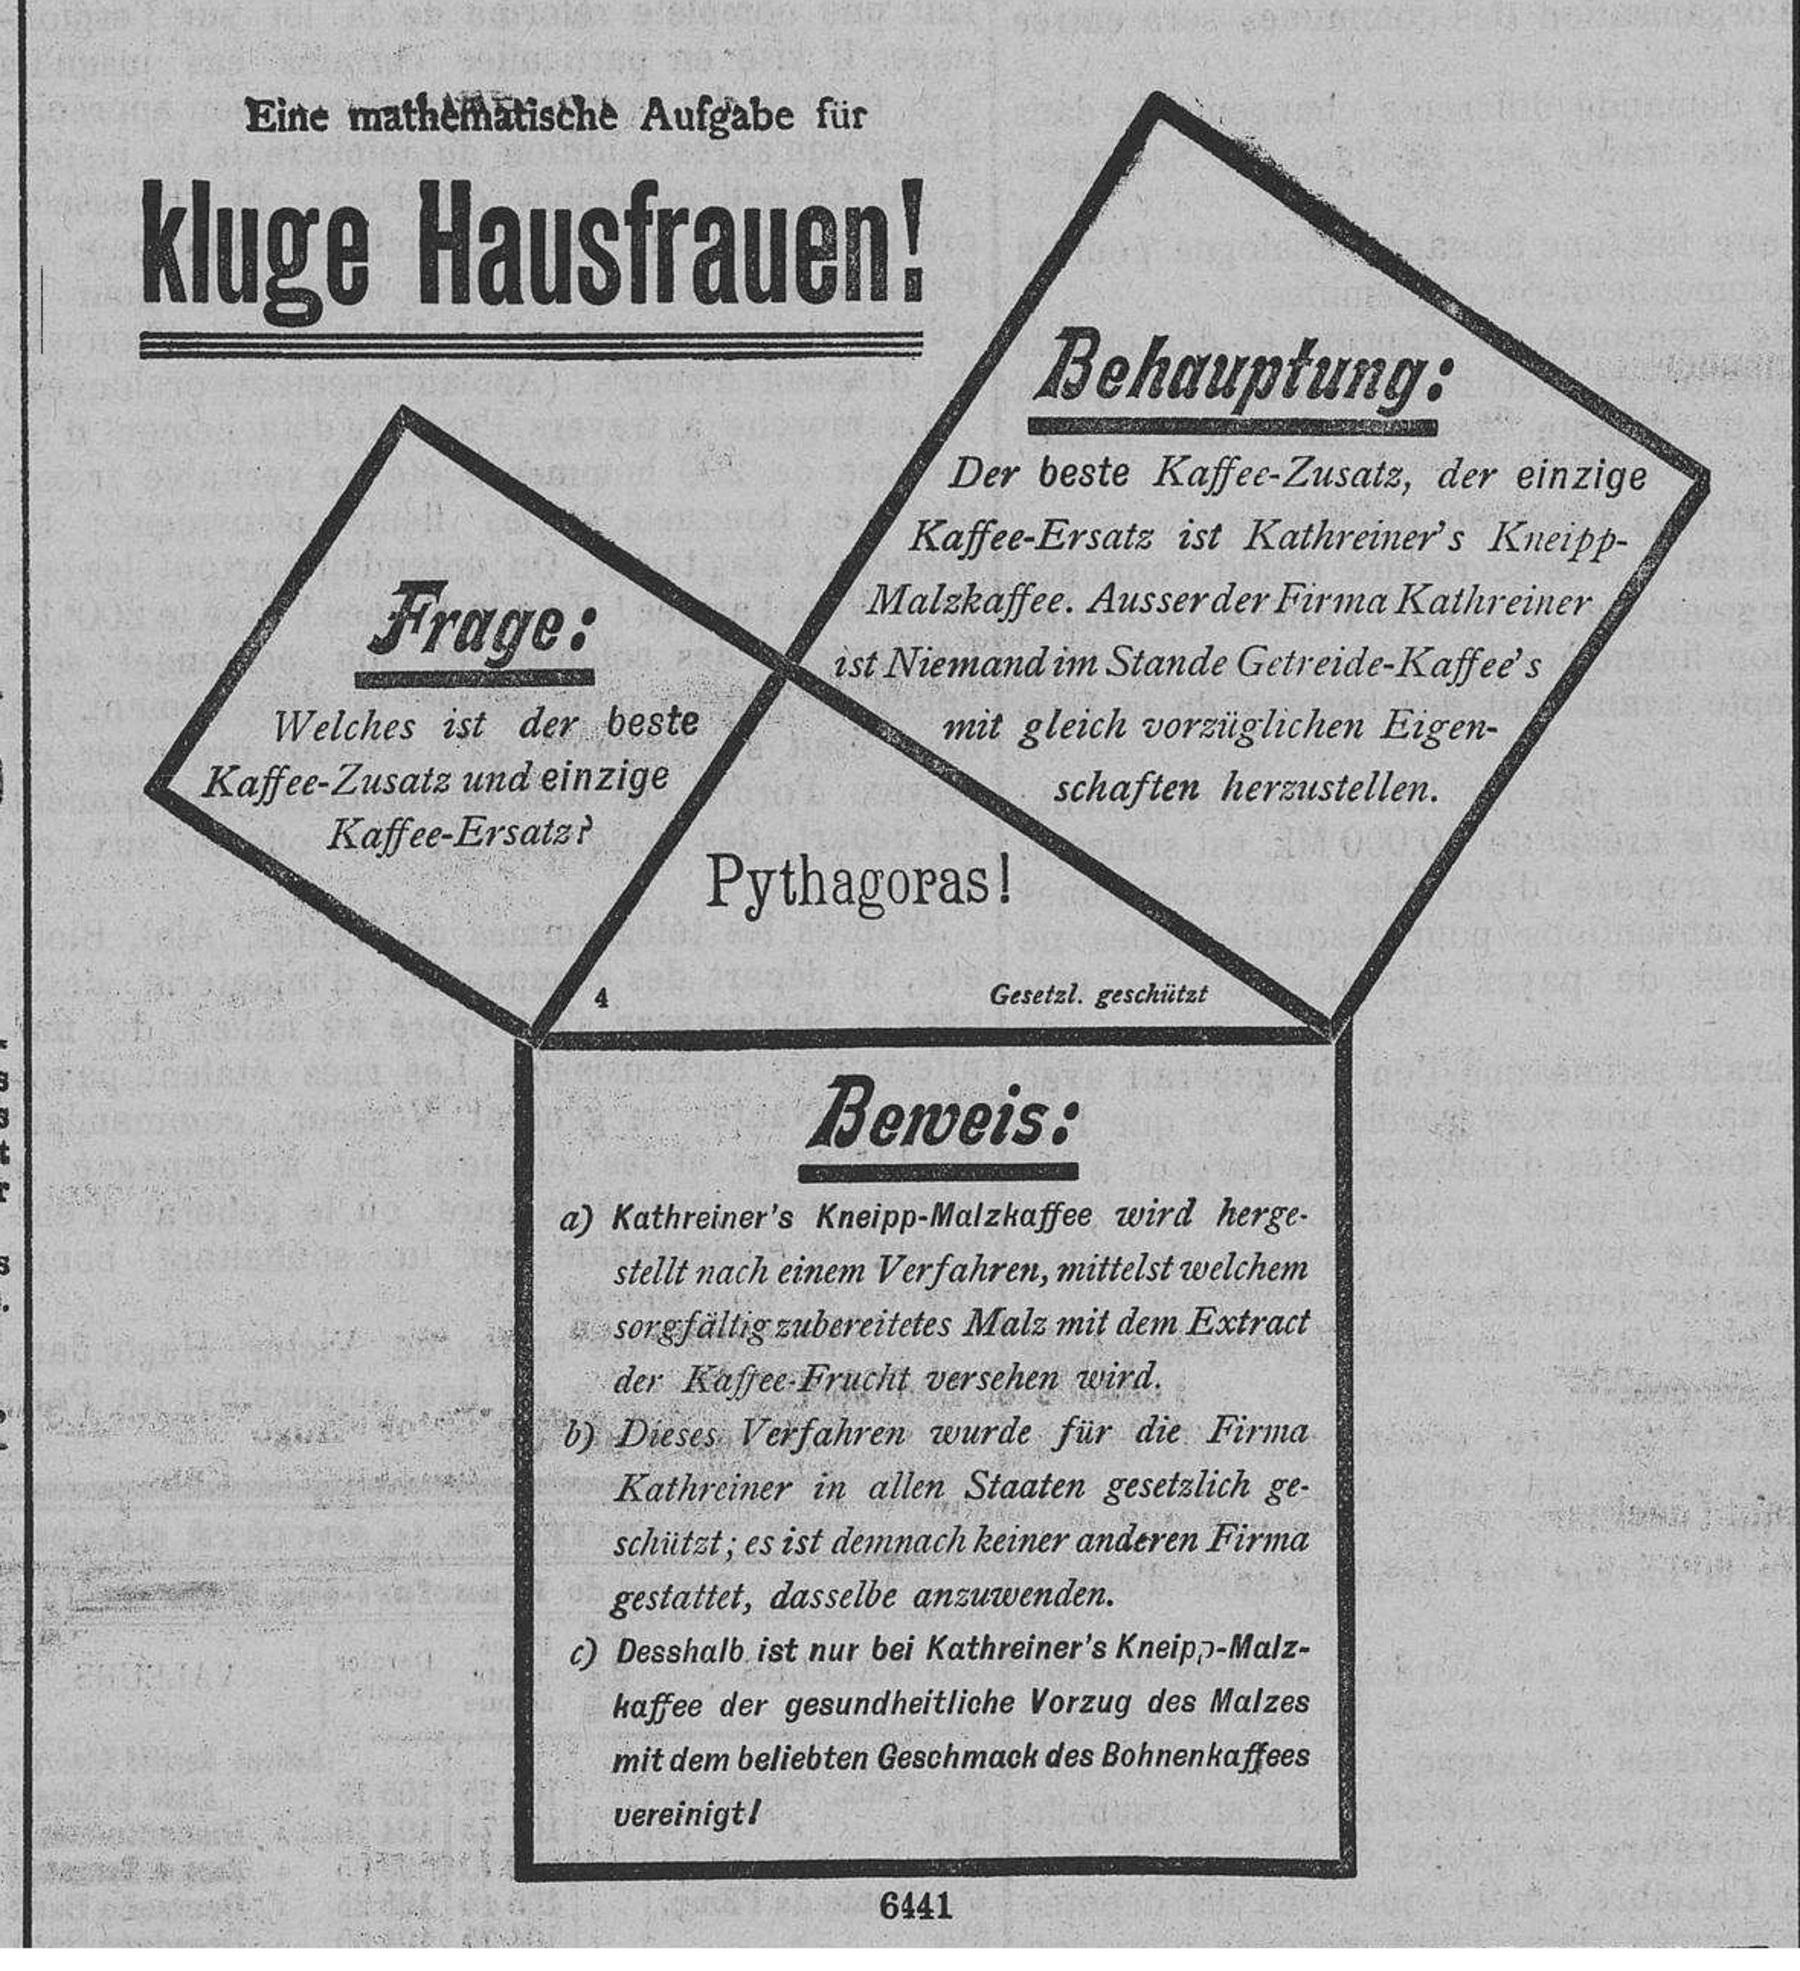 Contenu du Kluge Hausfrauen !